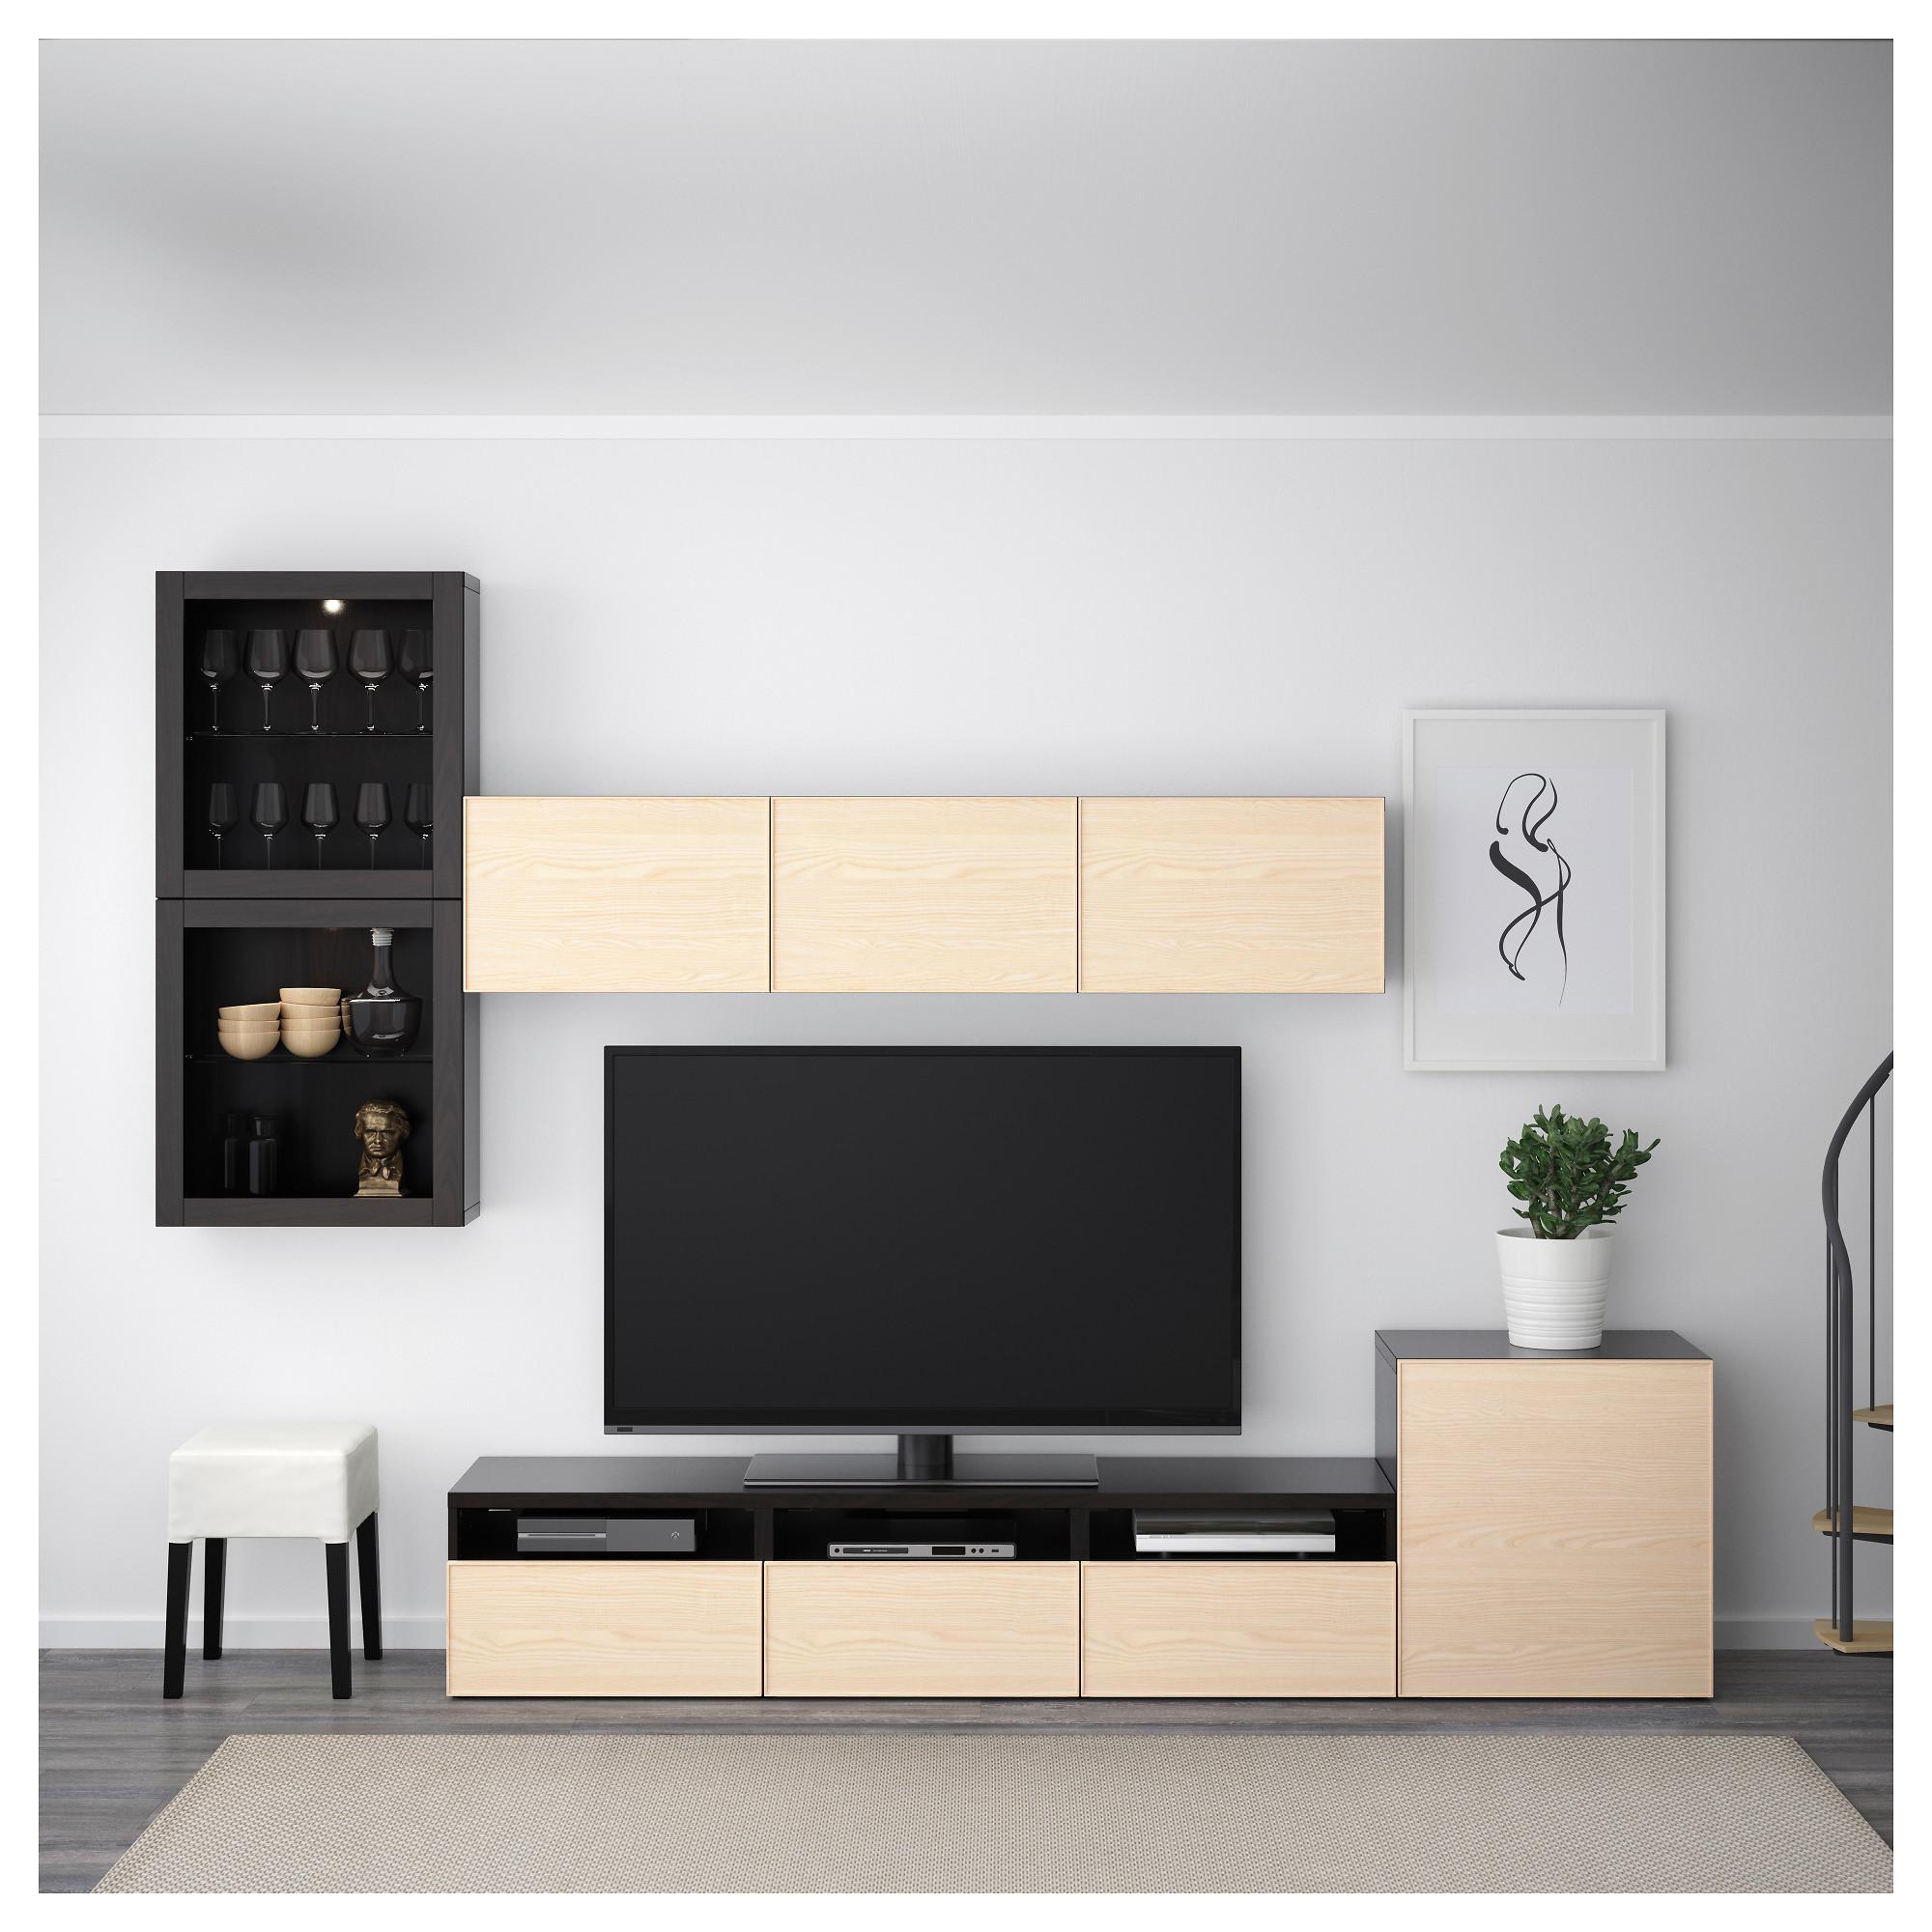 Шкаф для ТВ, комбинированный, стекляные дверцы БЕСТО черно-коричневый артикуль № 592.522.13 в наличии. Online сайт IKEA Беларусь. Недорогая доставка и установка.